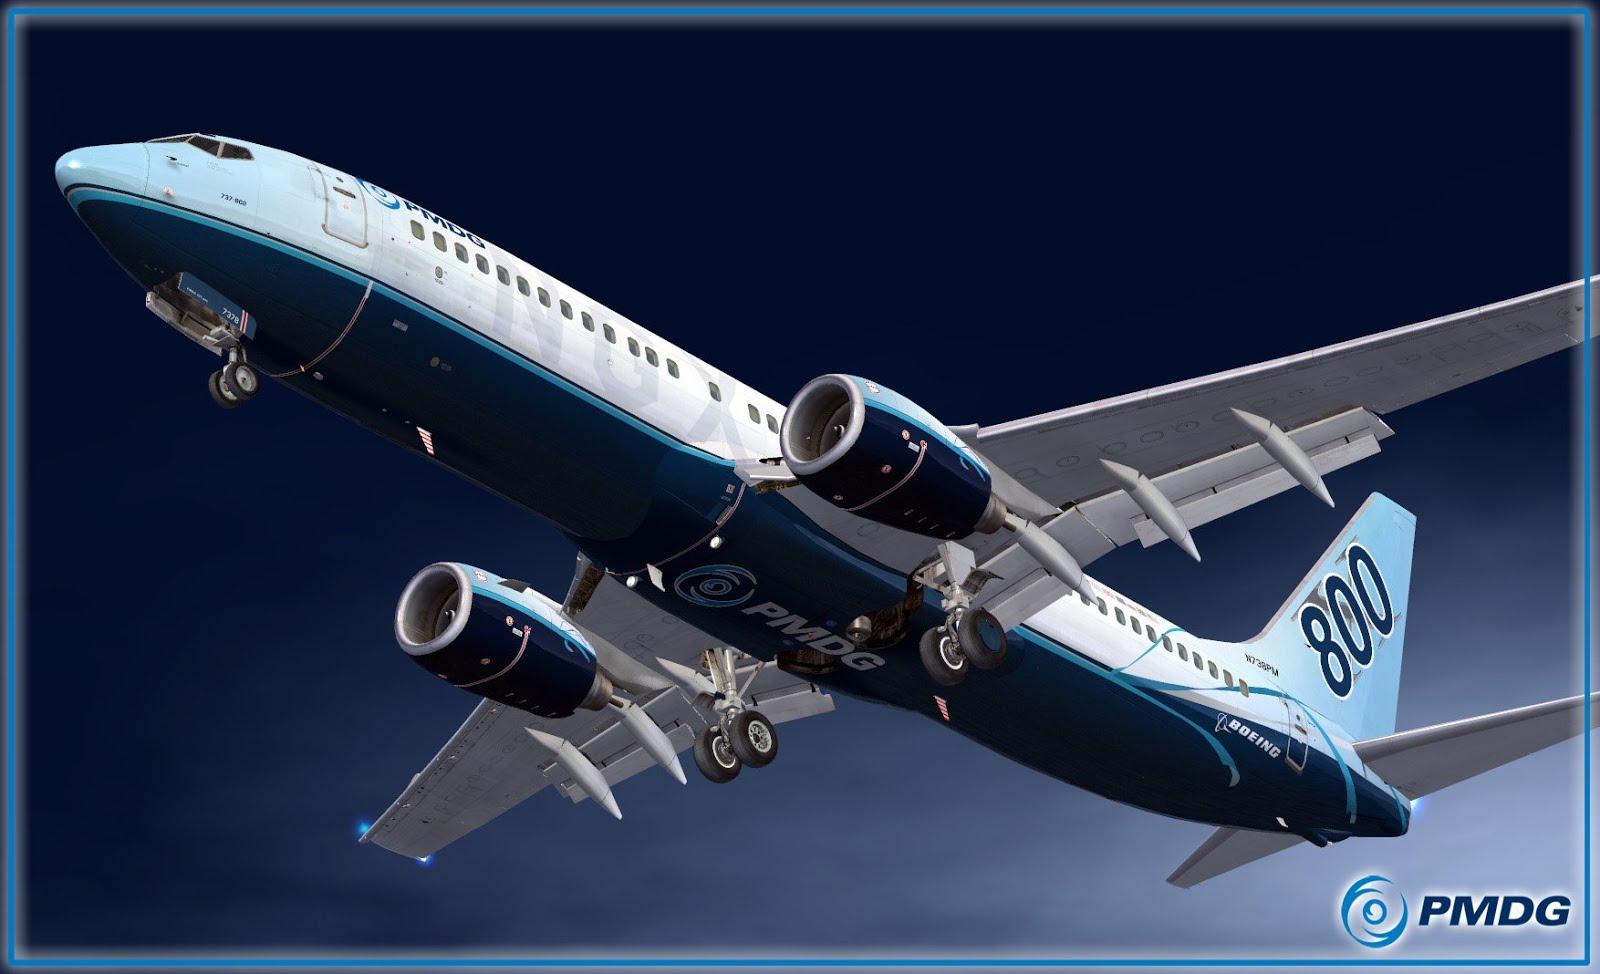 Prepar3d pmdg 737 crack | Transferring PMDG 737 NGX from FSX to